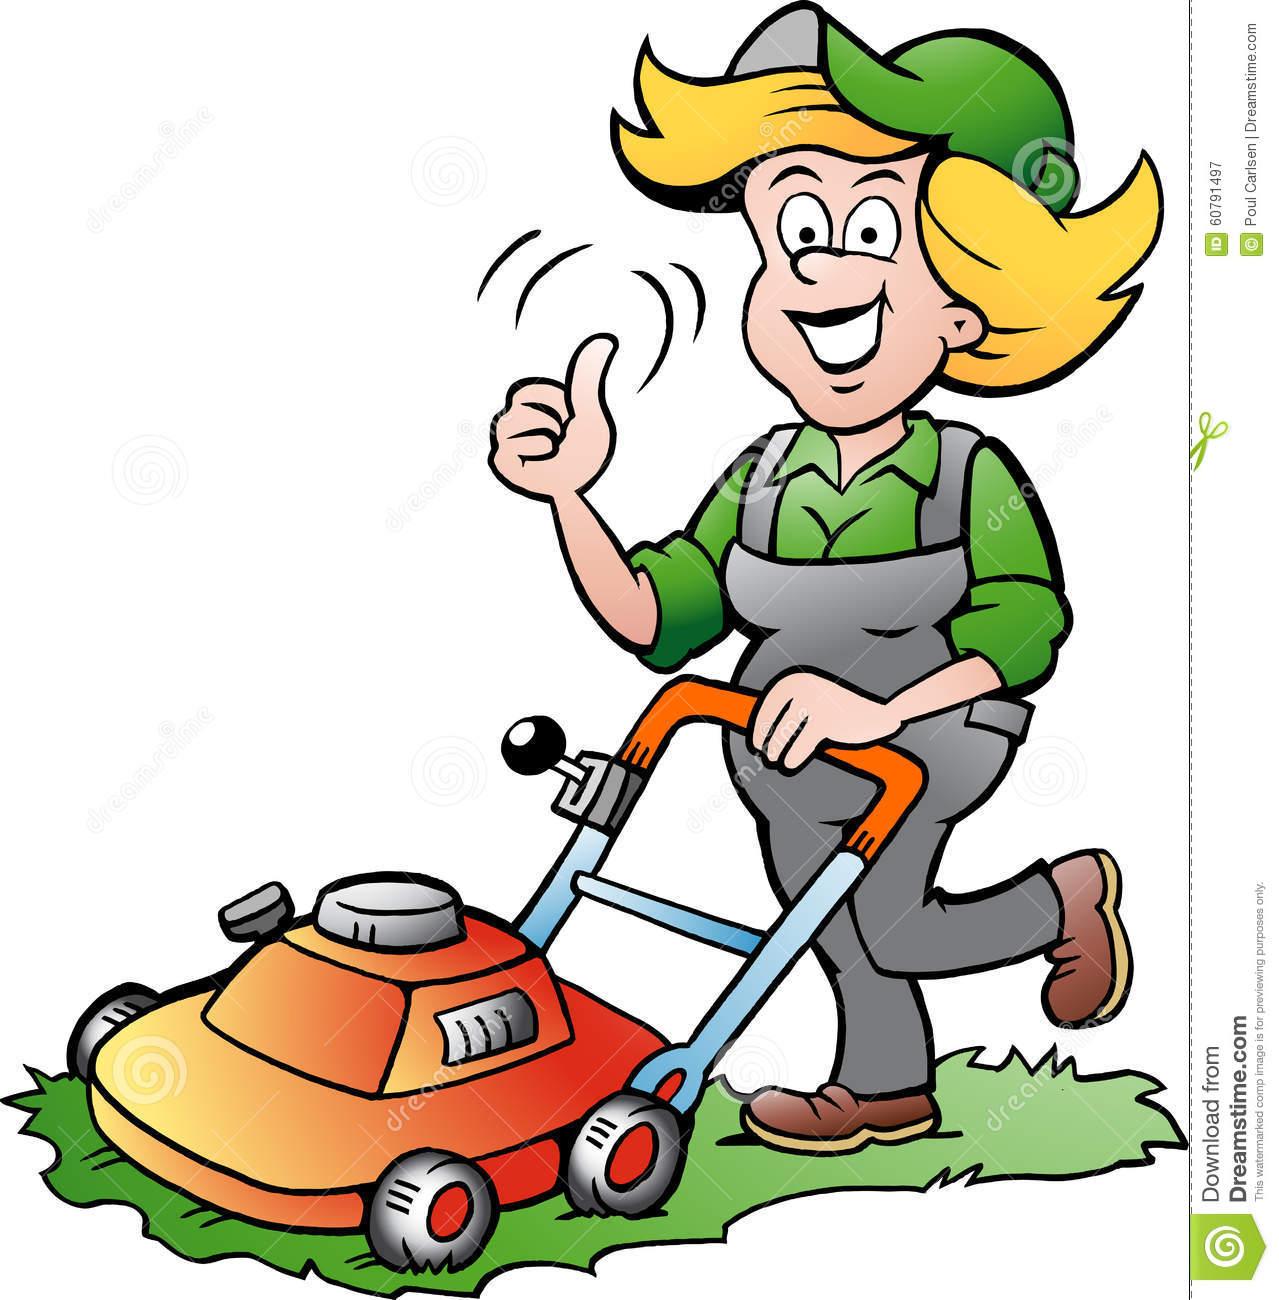 Grtner bei der arbeit clipart download Gärtner Woman Mit Einem Rasenmäher Stock Abbildung - Bild: 60791497 download